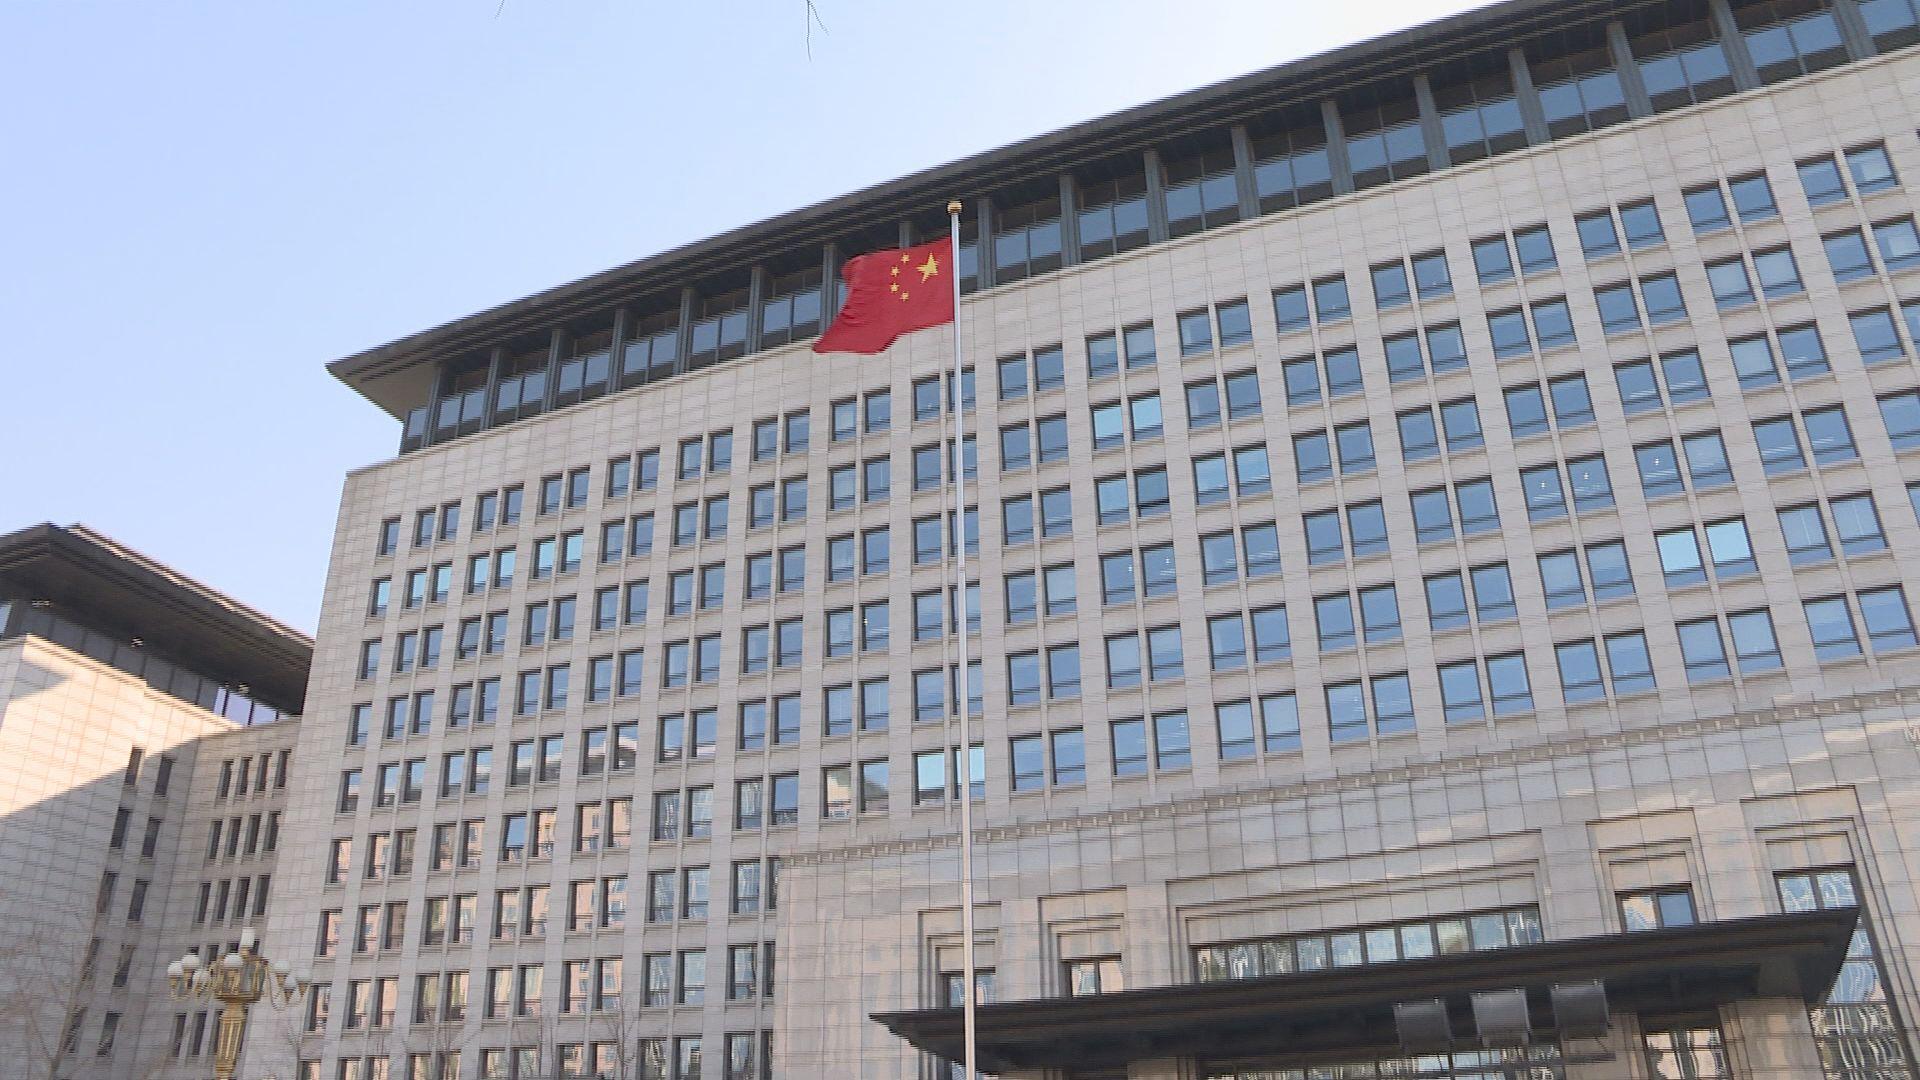 【中美貿戰】中國商務部:必要時會反制